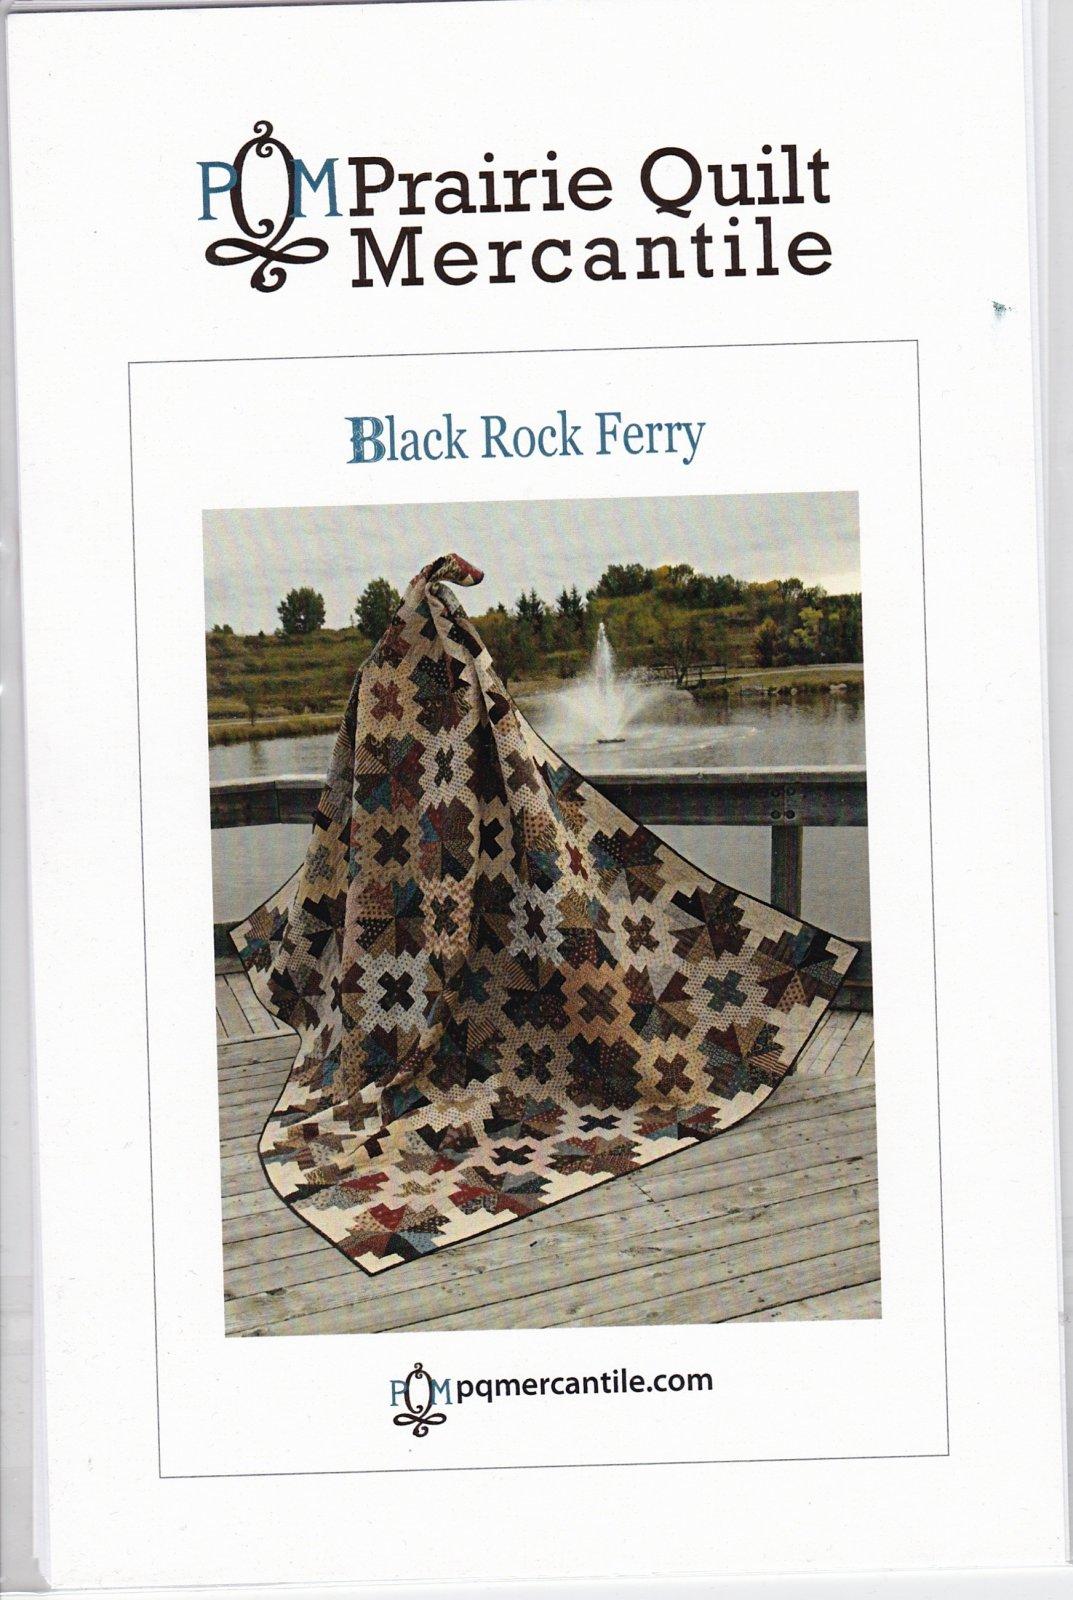 Black Rock Ferry